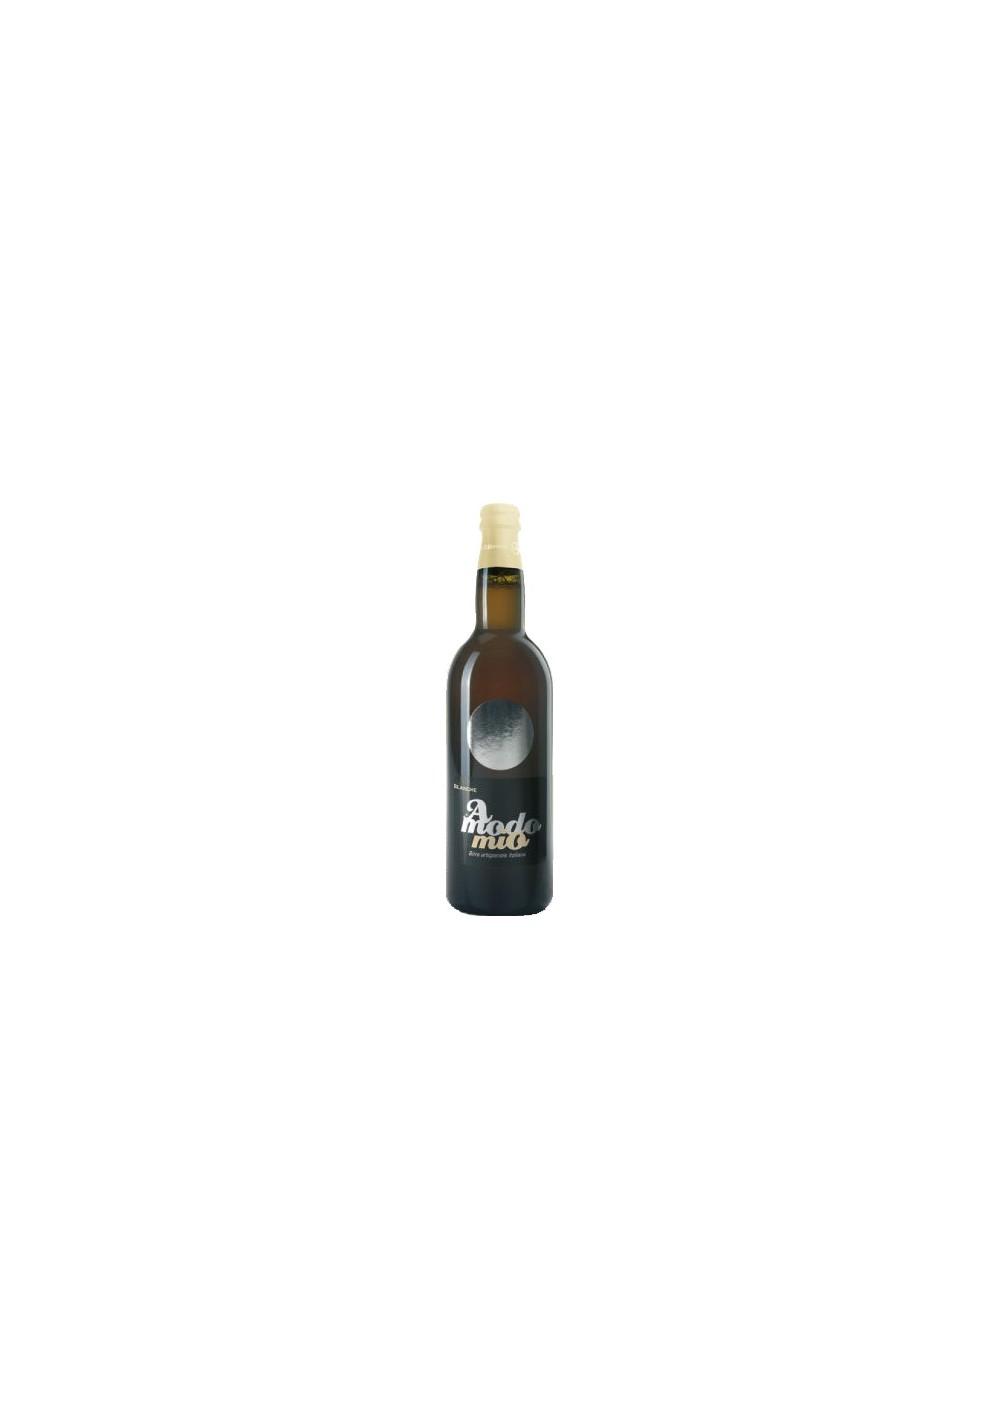 L'Una, 75 cl - Birrificio Opperbacco